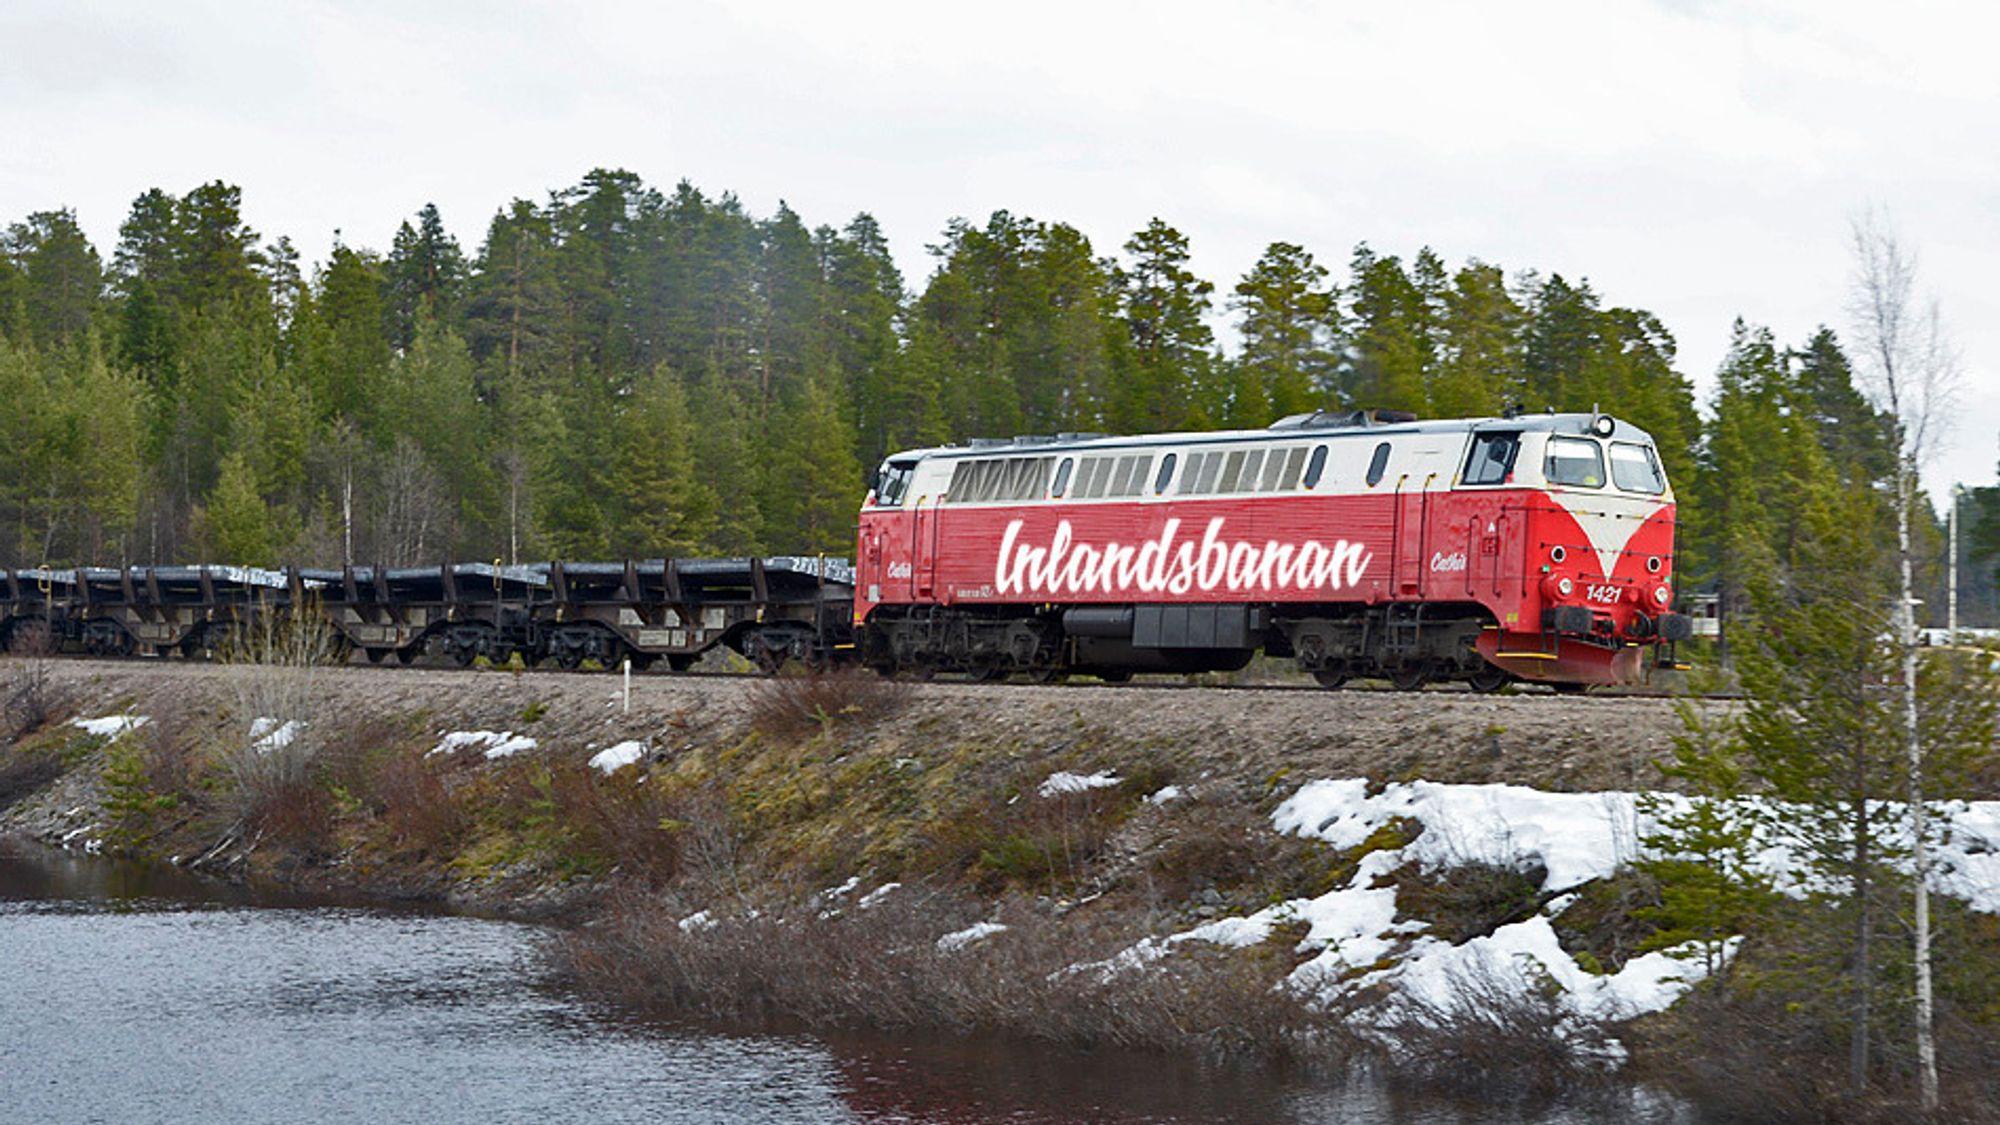 Et av Inlandsbanens TMZ-lokomotiver, som kan være aktuelle for konvertering til hydrogendrift.